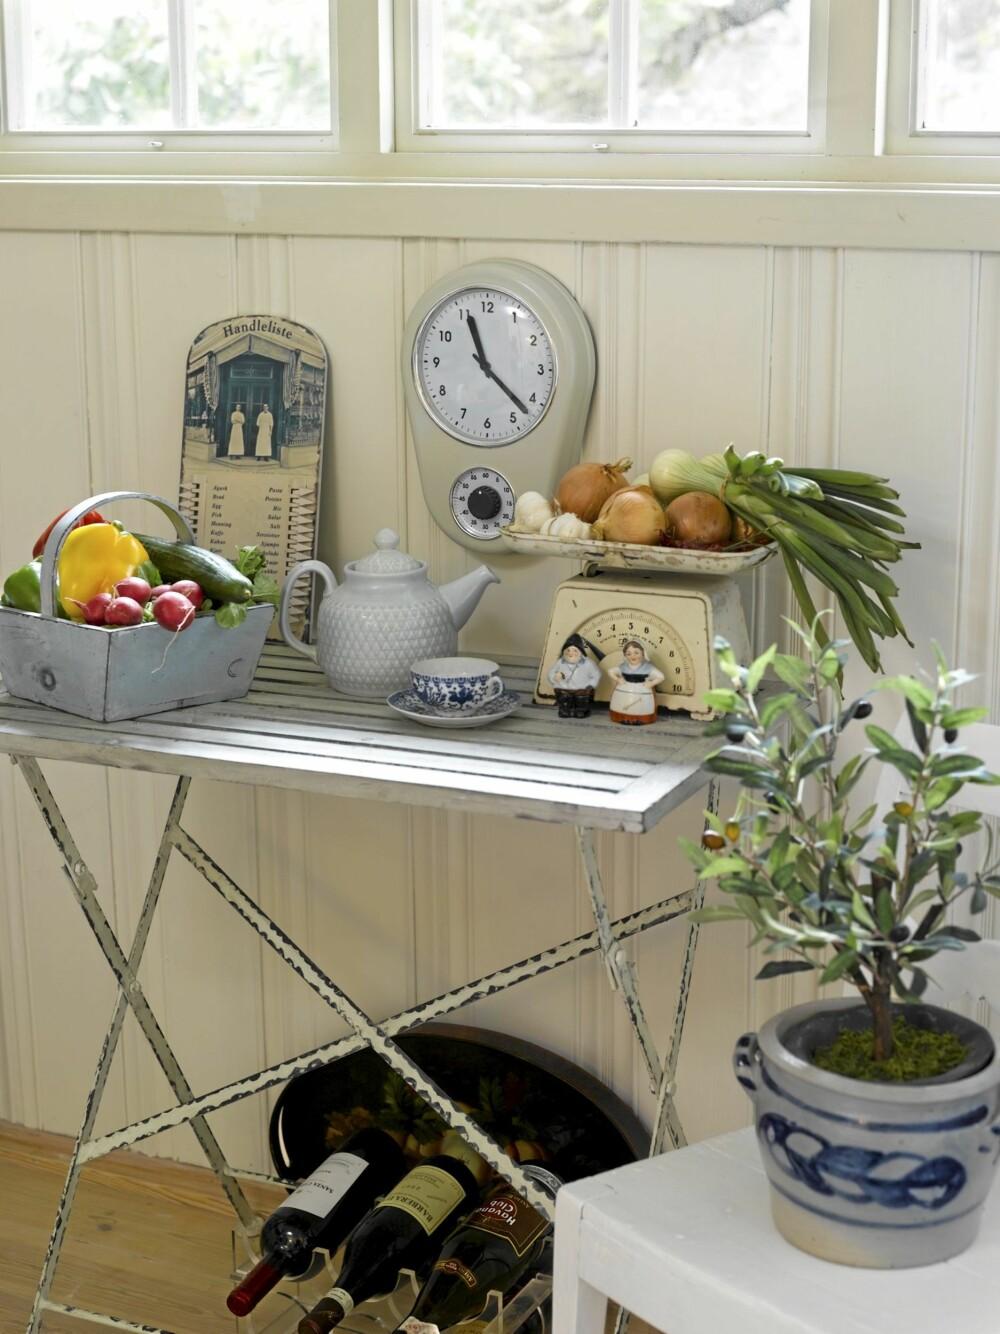 SETTEBORD: På kjøkkenet har de et praktisk sidebord til oppbevaring av frukt og grønnsaker.